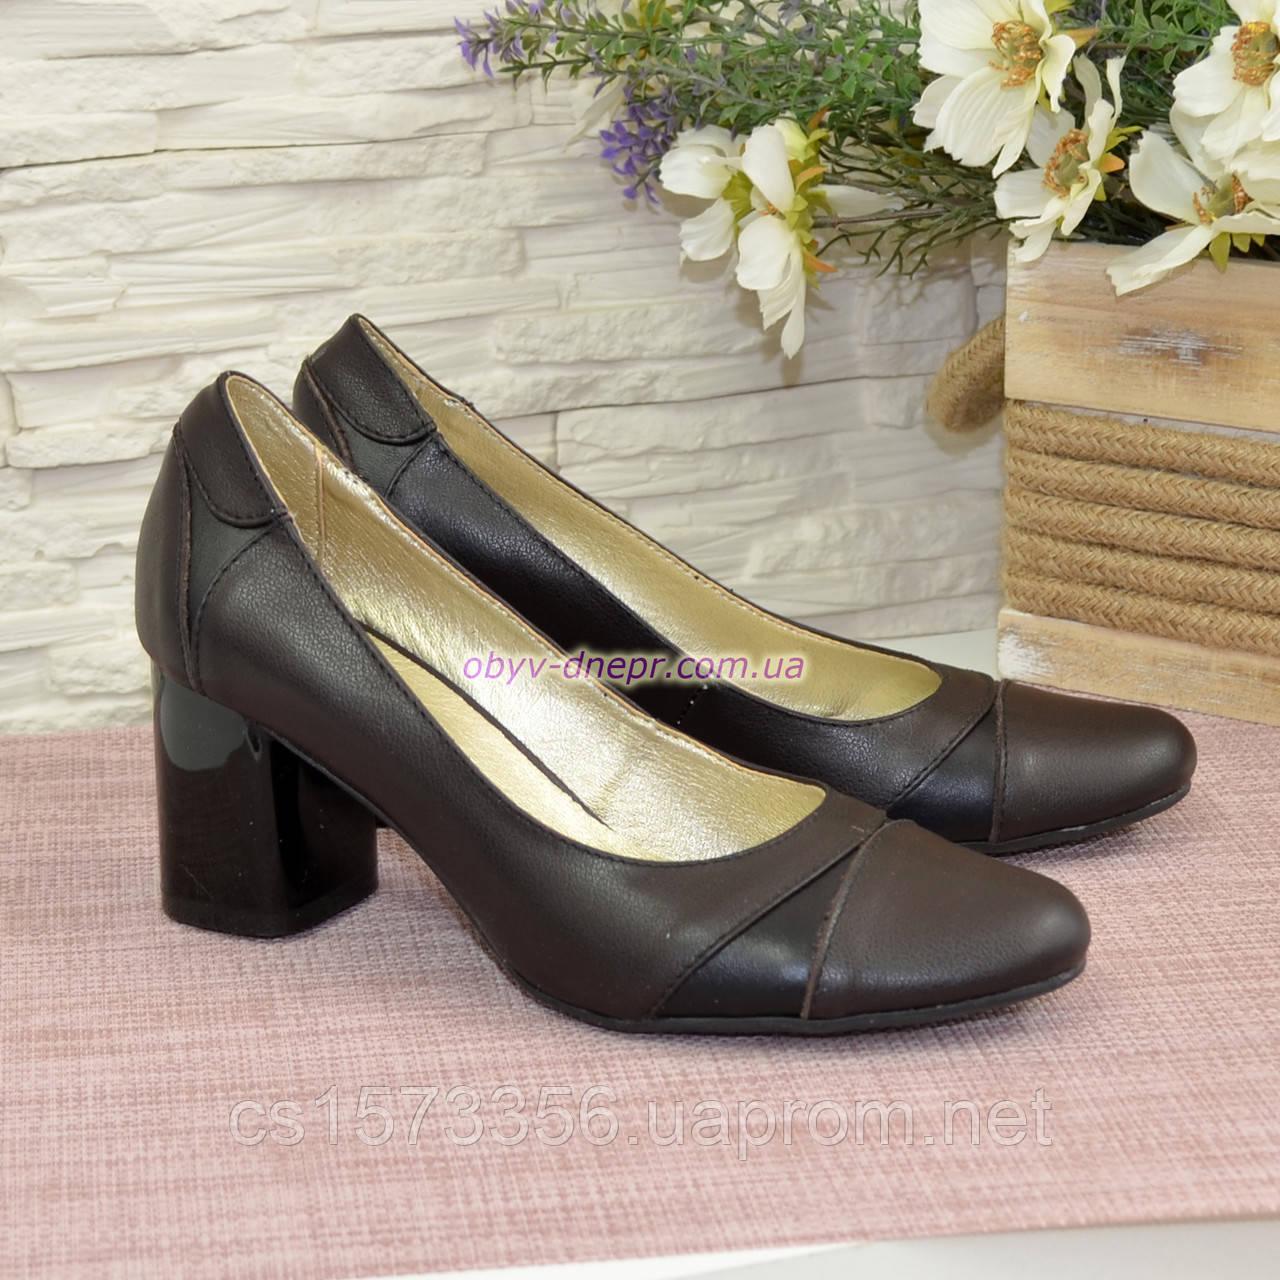 Женские кожаные классические туфли на устойчивом каблуке, черная и коричневая кожа